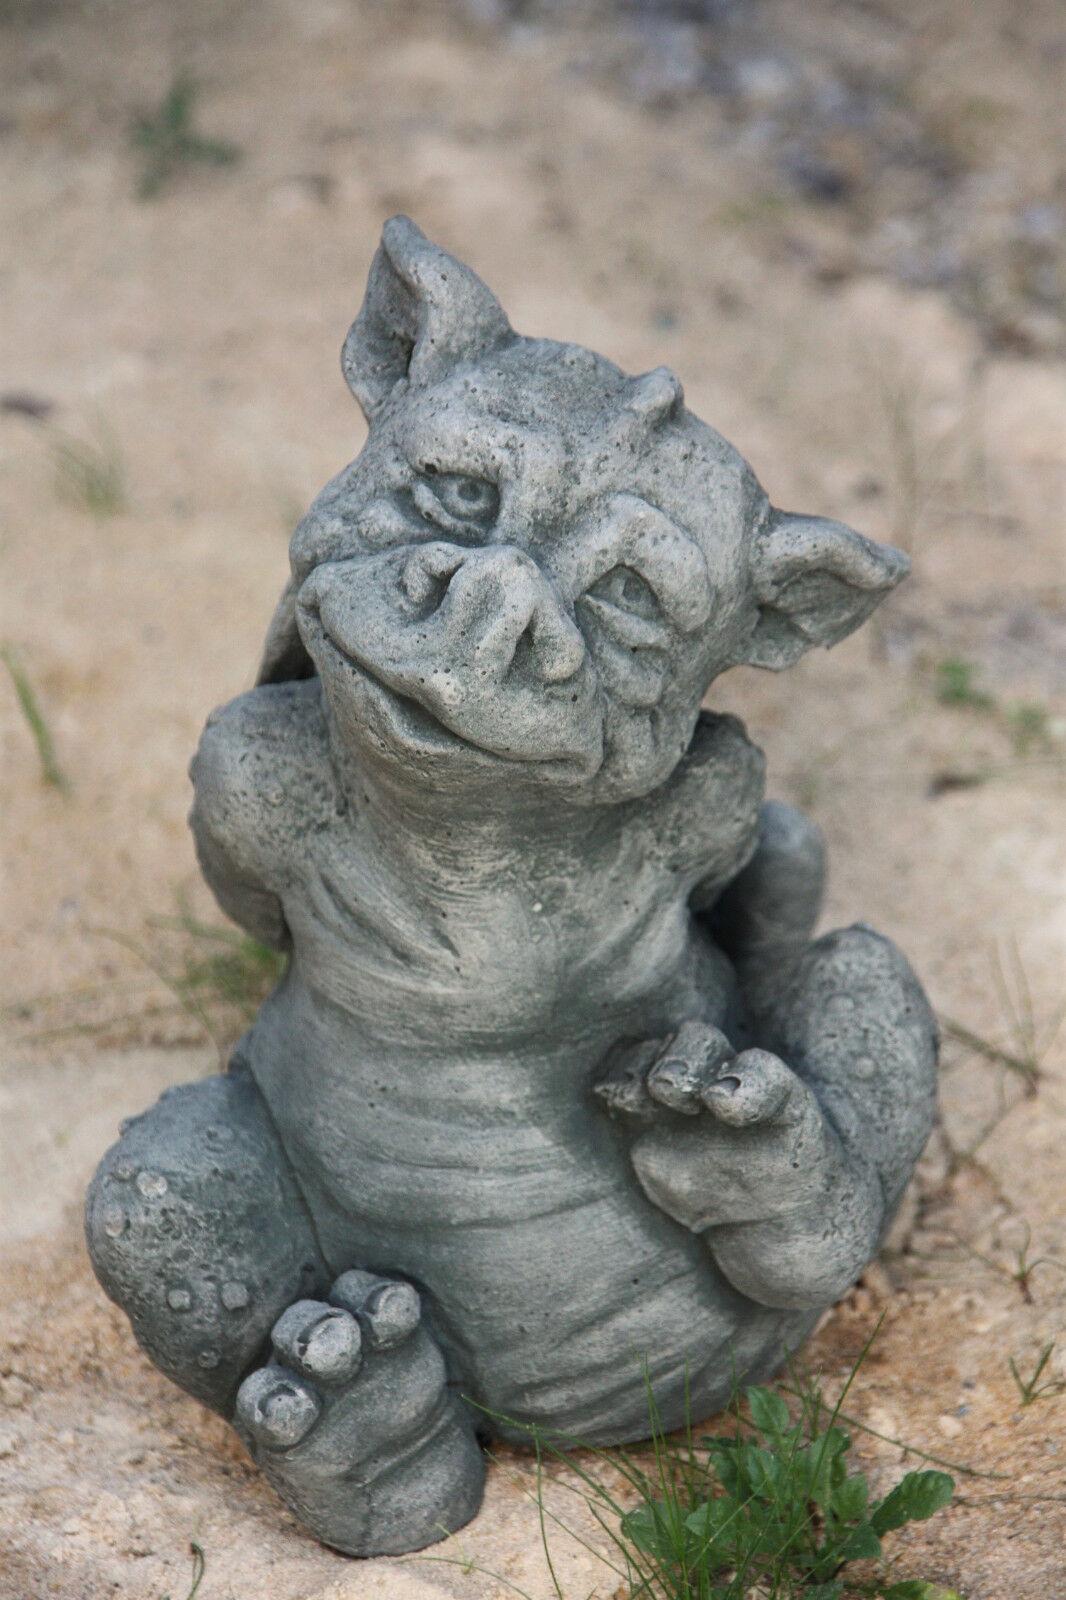 Dragón gracioso diverdeido personaje de piedra fundición jardín Frost Festival piedra personaje nuevo de-589